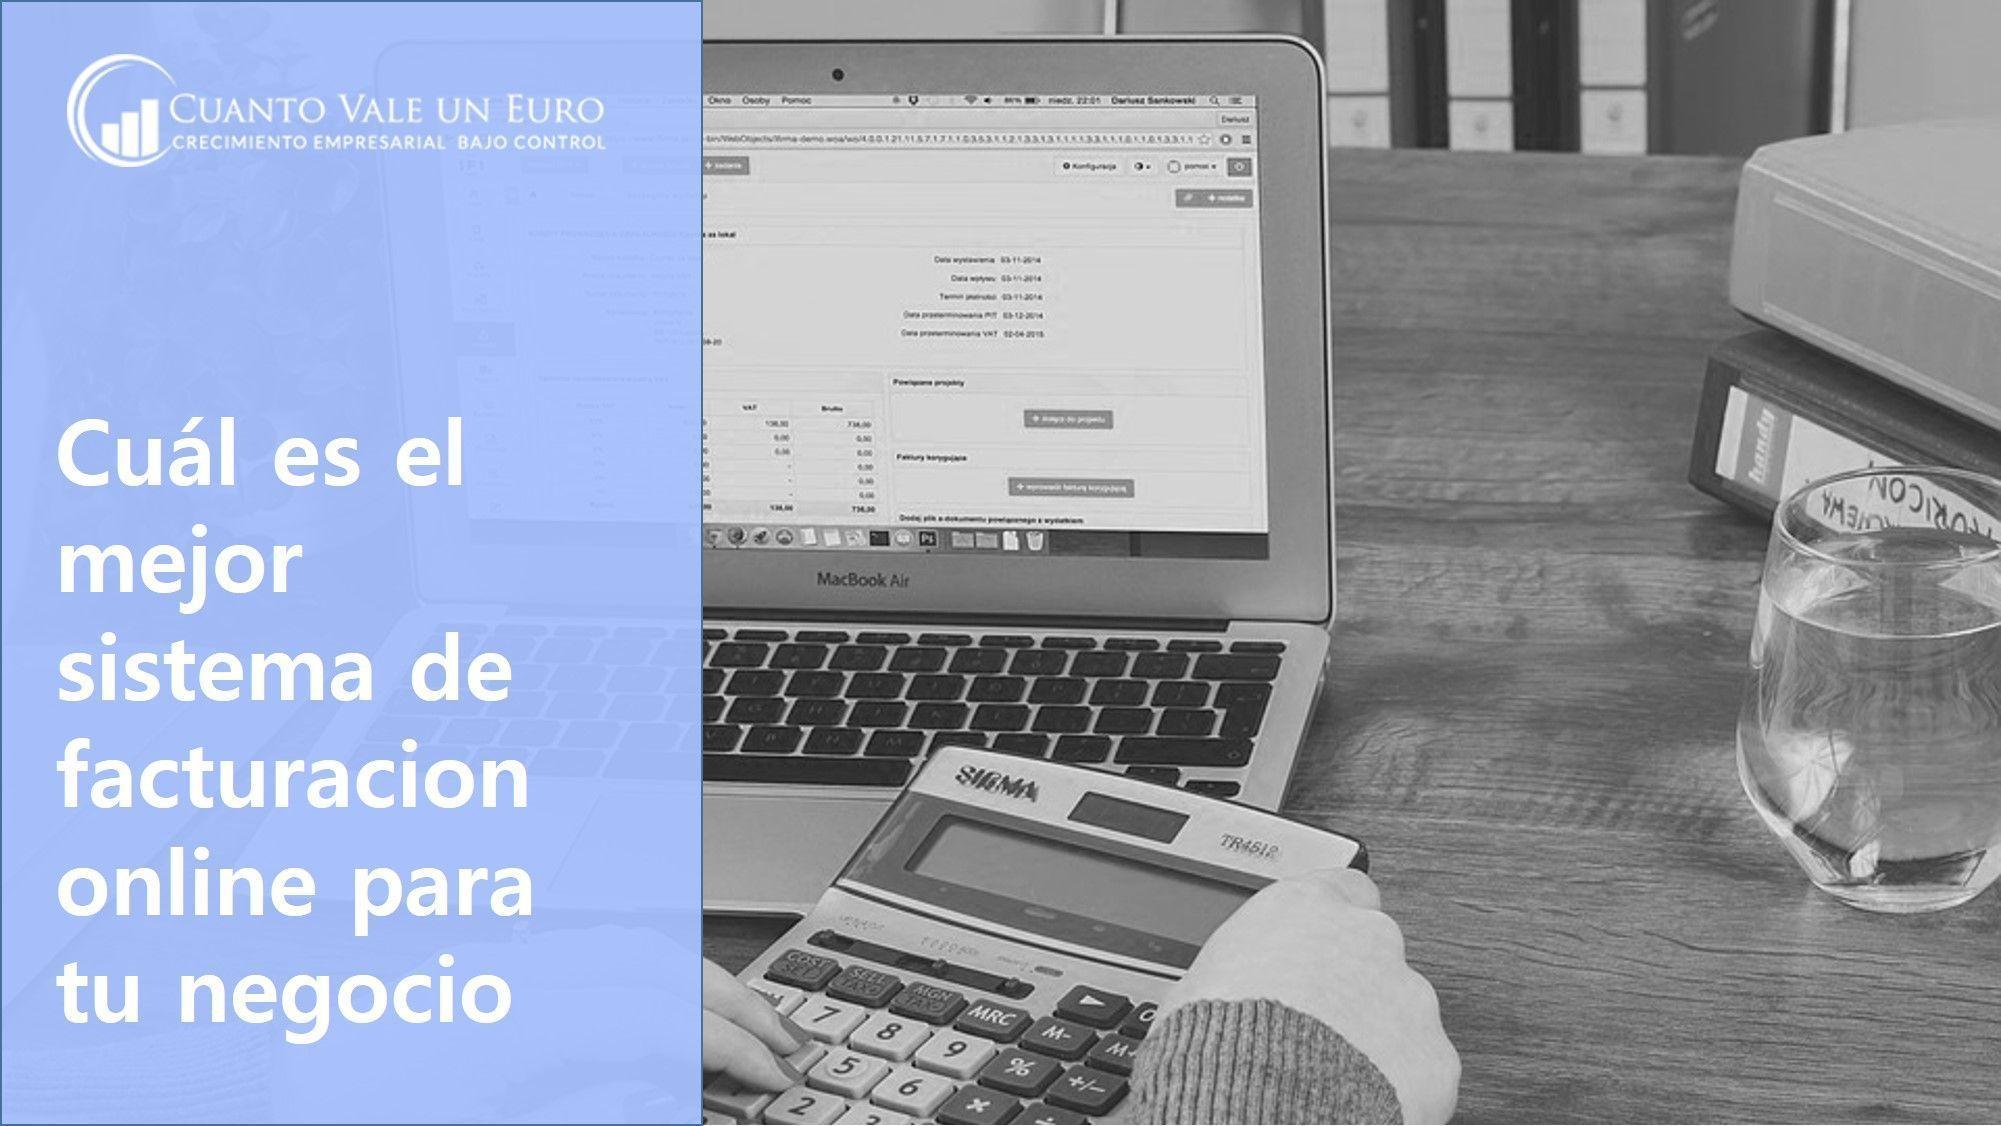 Cual es el mejor sistema de facturacion online para tu negocio